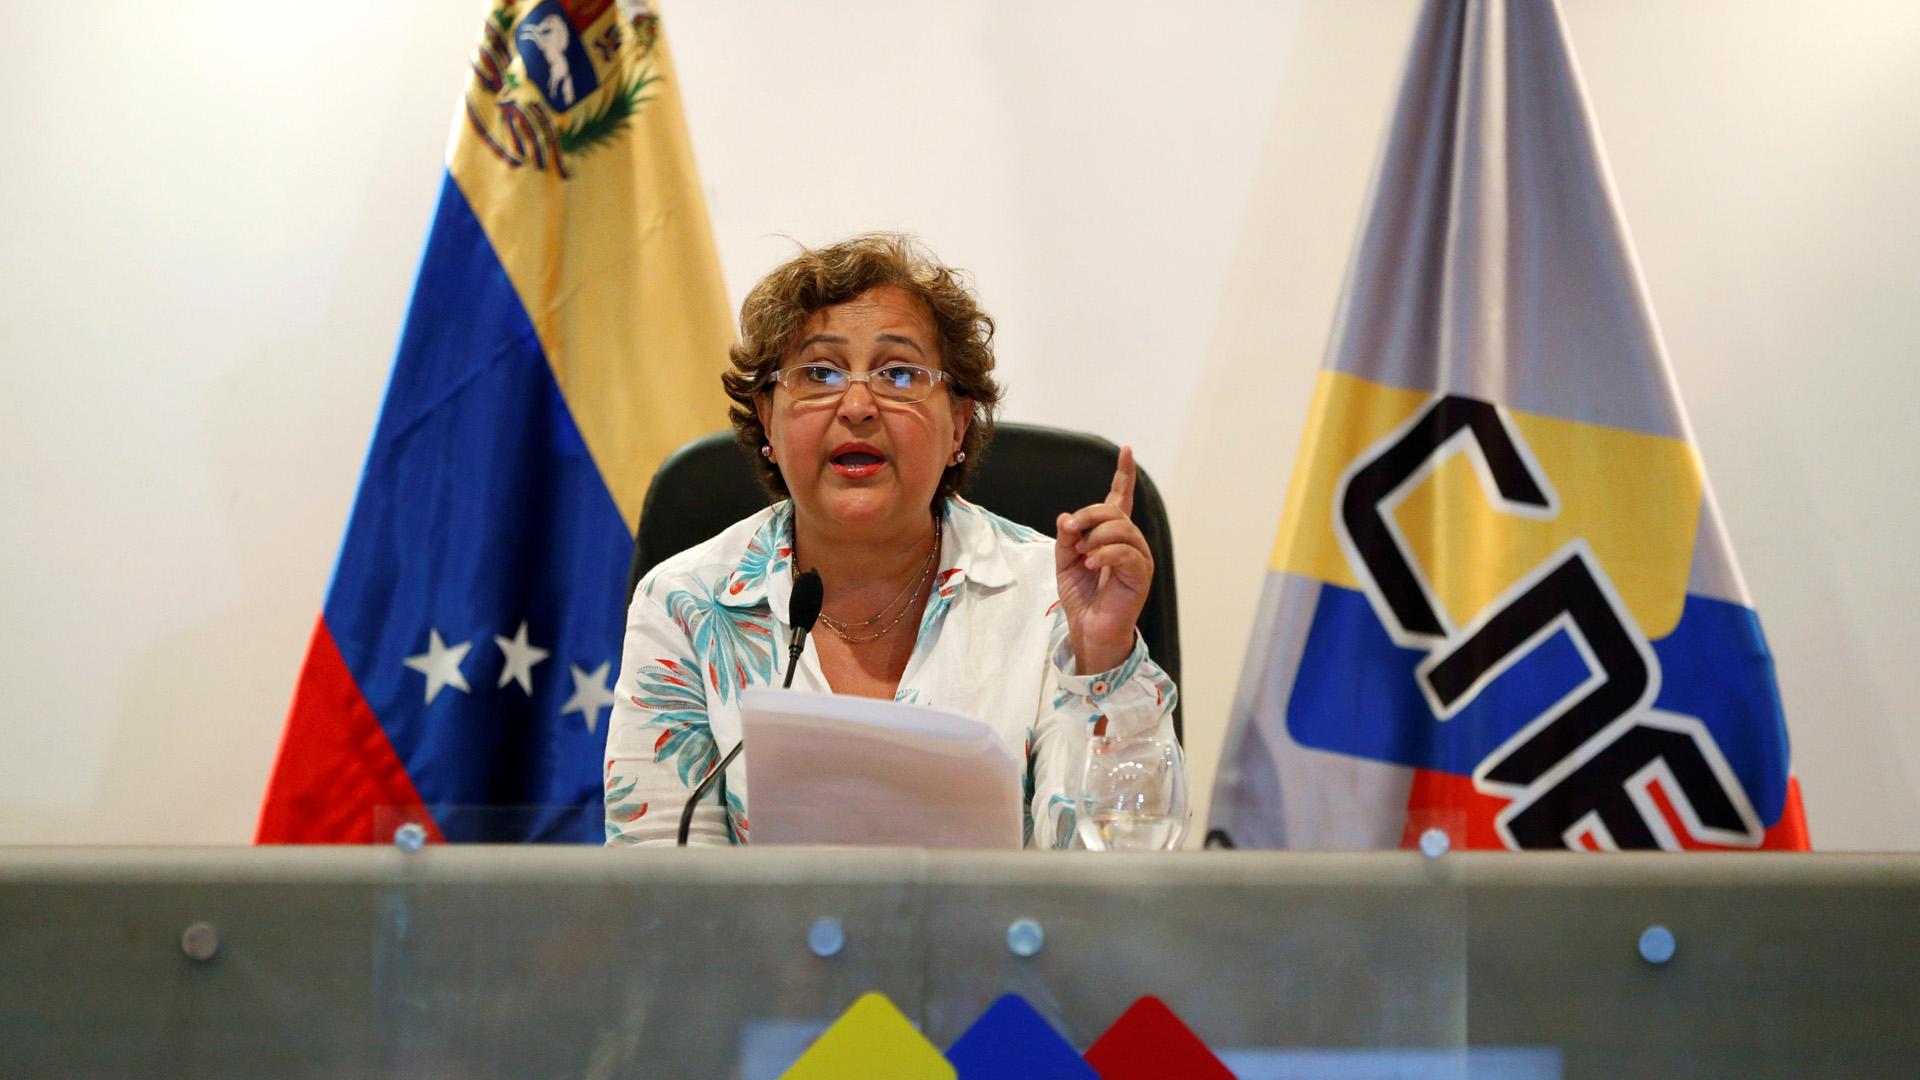 La presidenta del ente comicial informó que en los 24 estados se logró más de lo requerido para activar la consulta electoral solicitada por la oposición